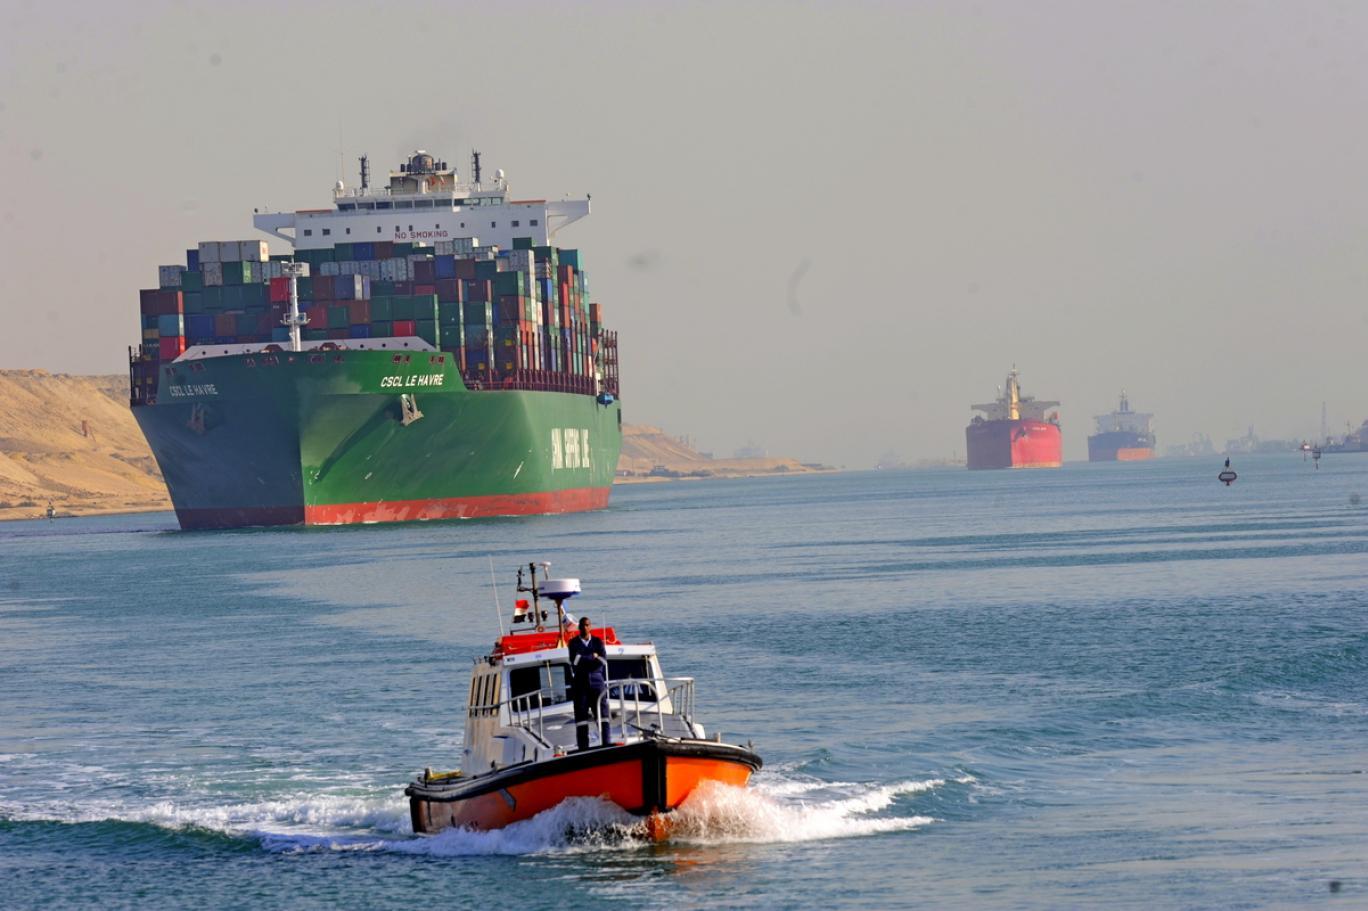 عبور 18829 سفينة قناة السويس بعائد 5.61 مليار دولار خلال 2020